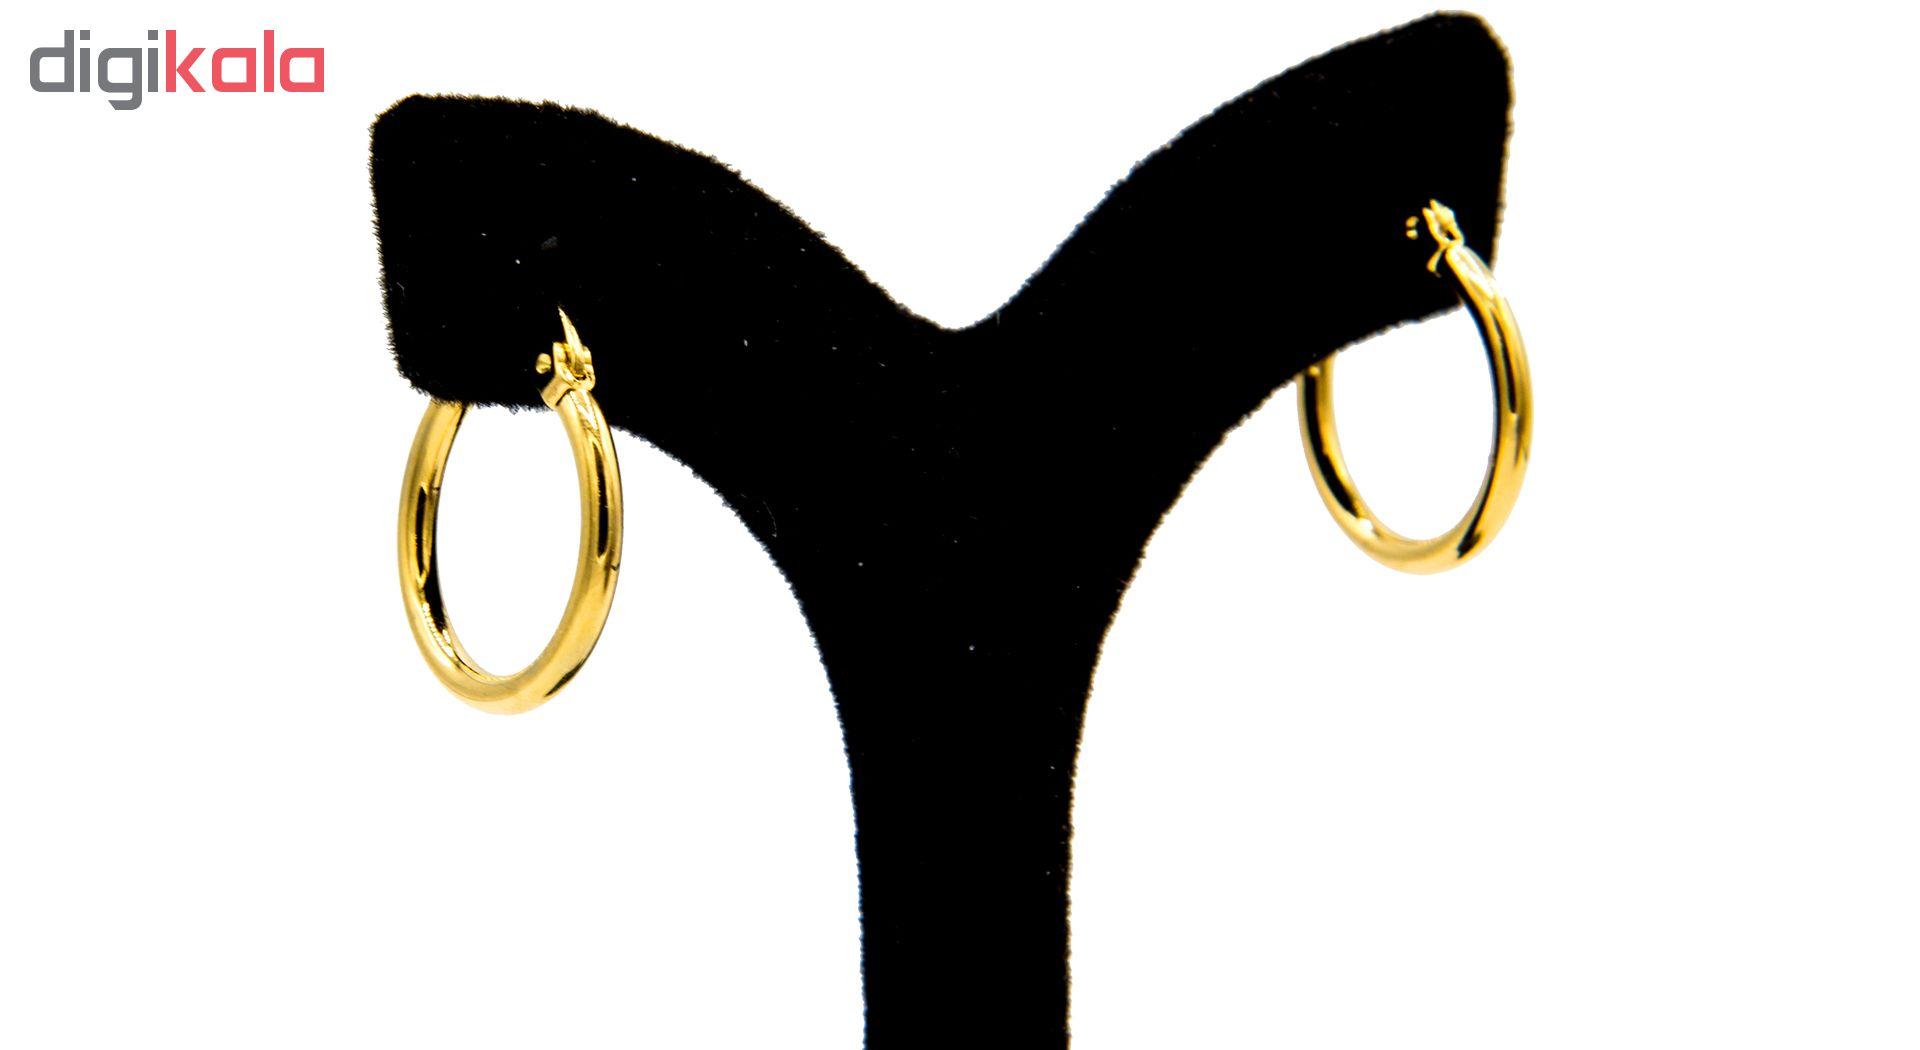 گوشواره بهارگالری مدل تک حلقه کد 15